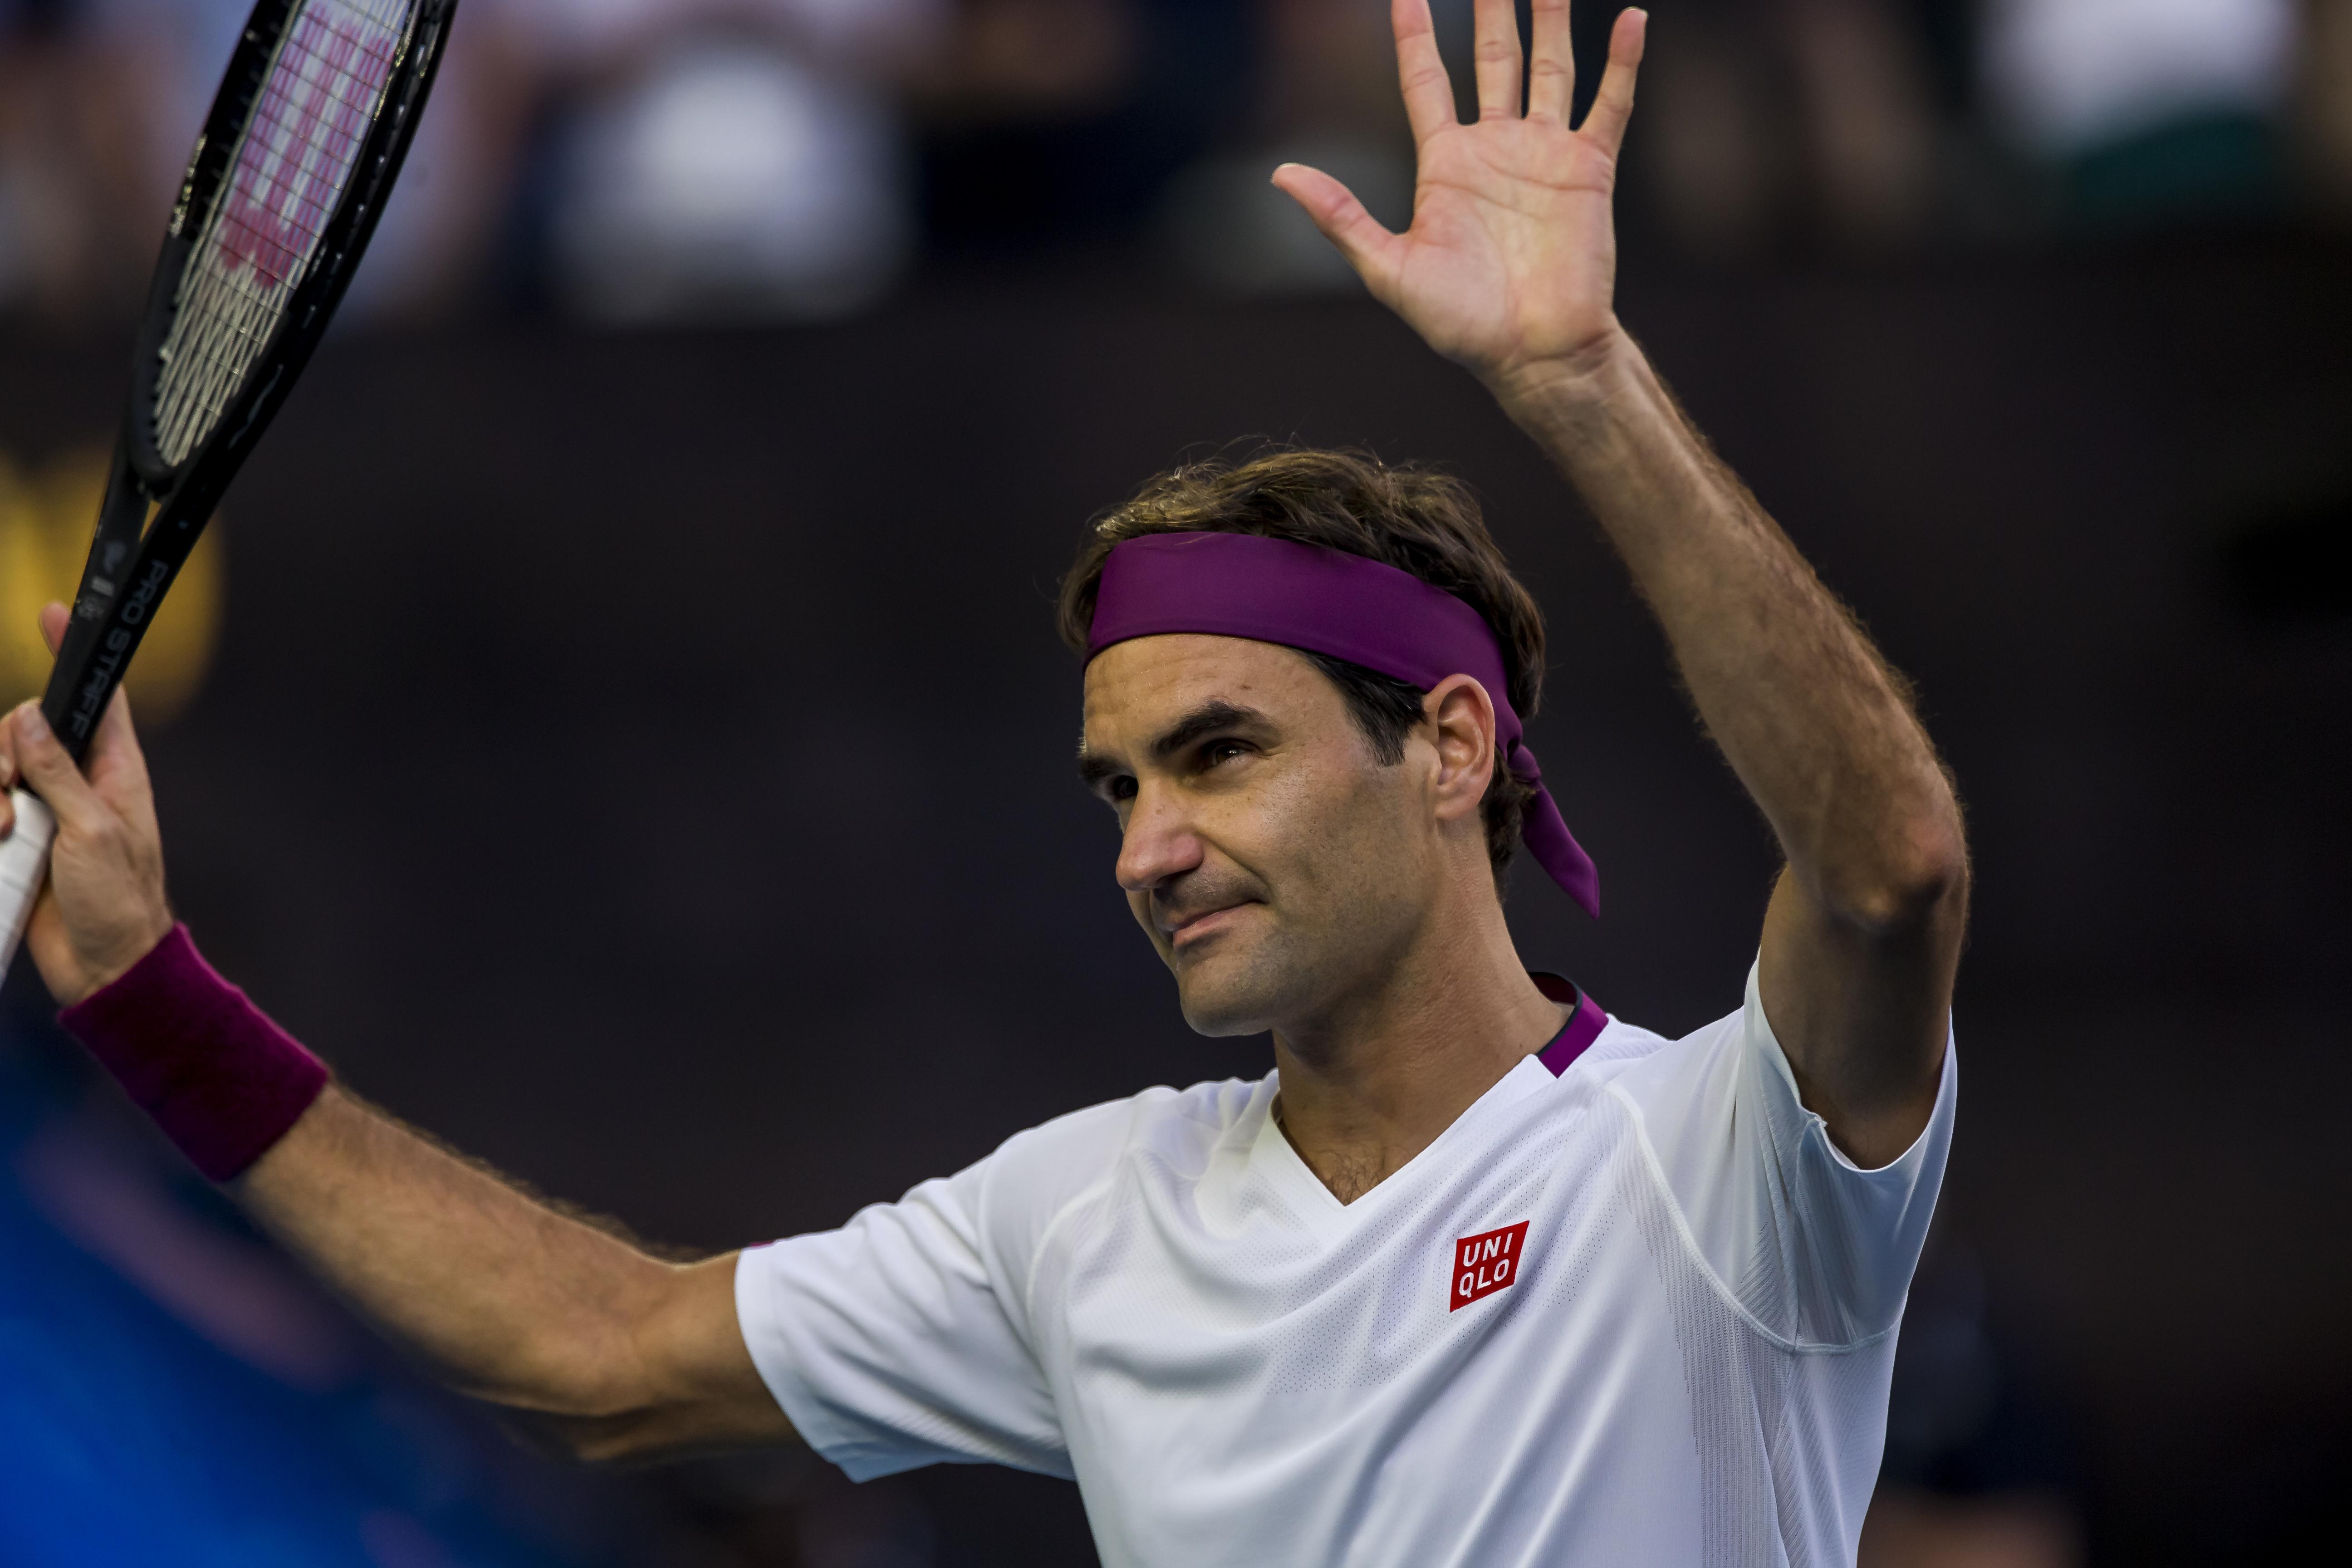 TENNIS: JAN 28 Australian Open